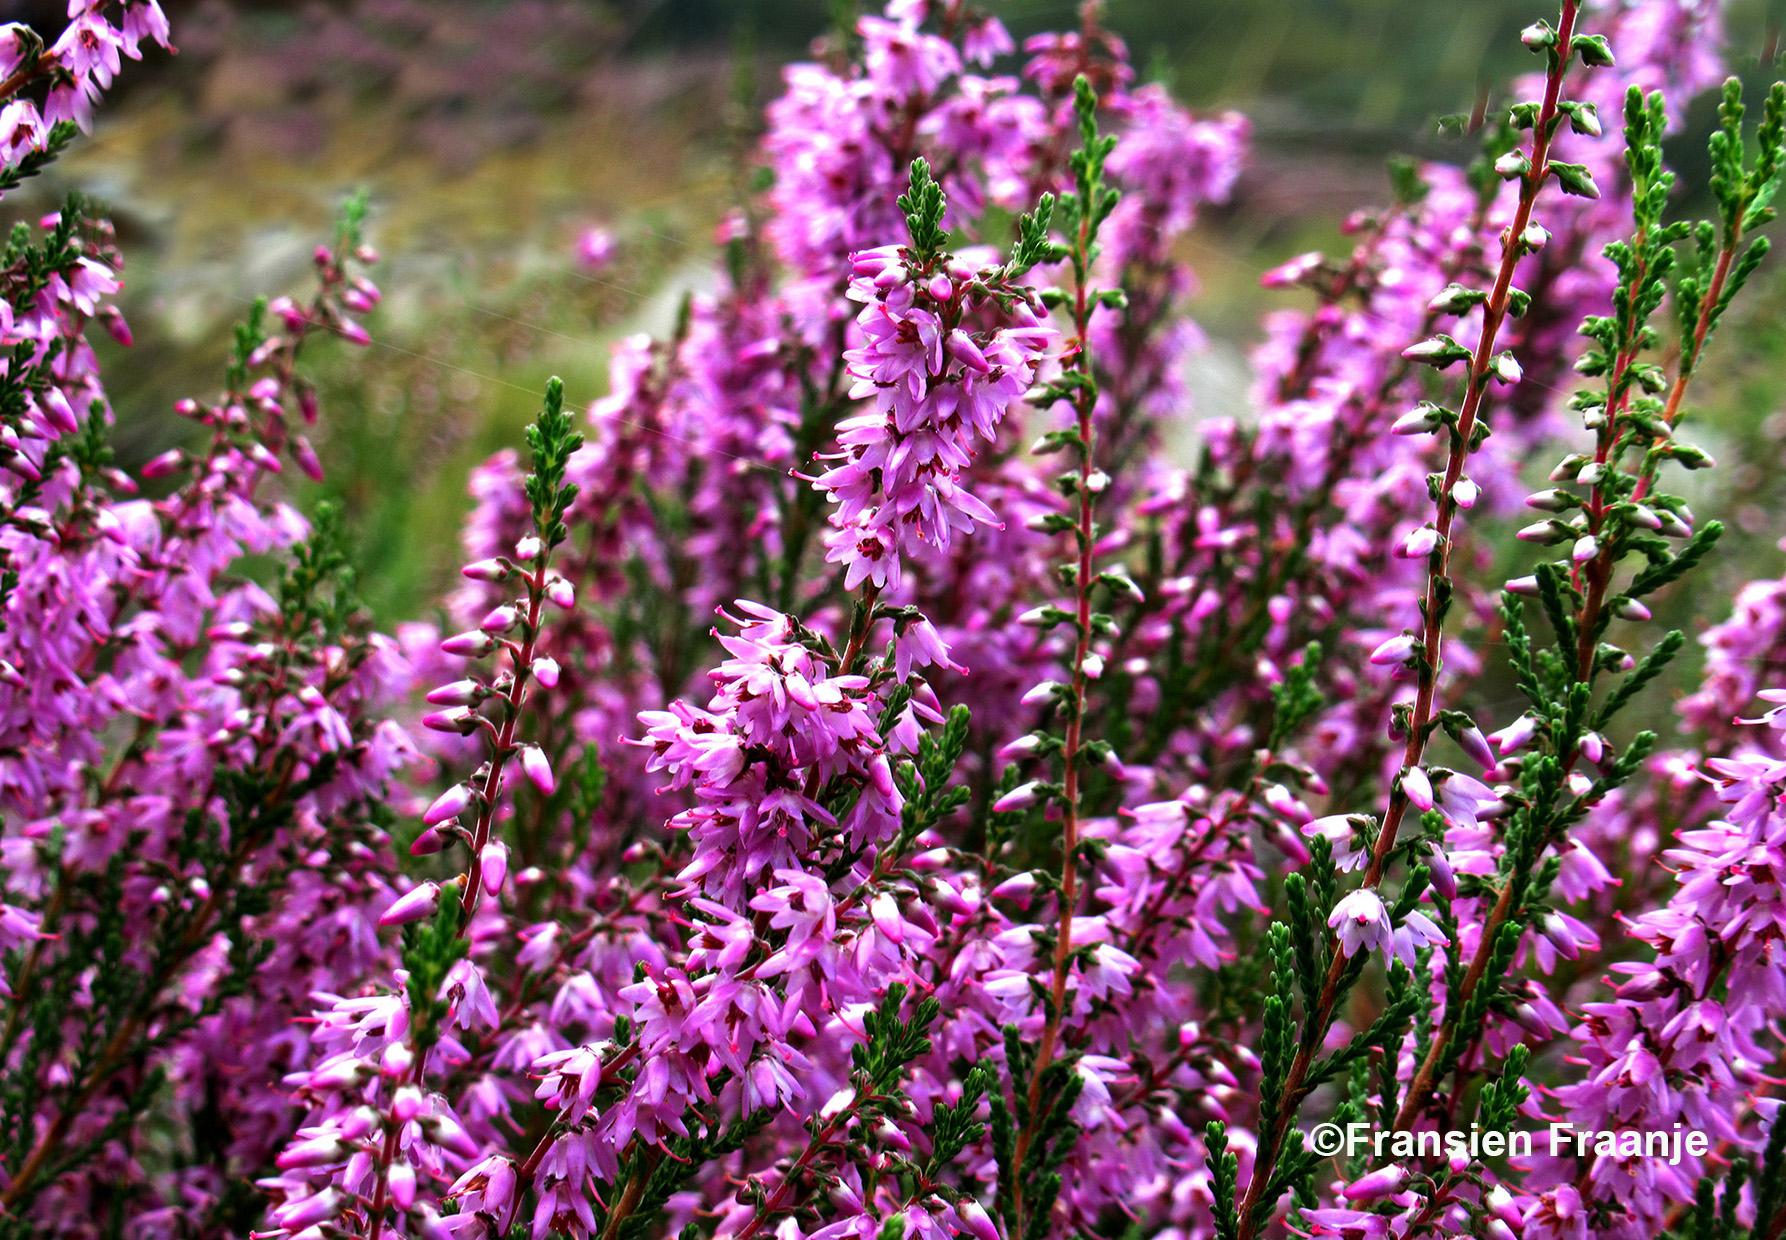 De prachtige paarse heidebloempjes van de struikheide - Foto: Fransien Fraanje.